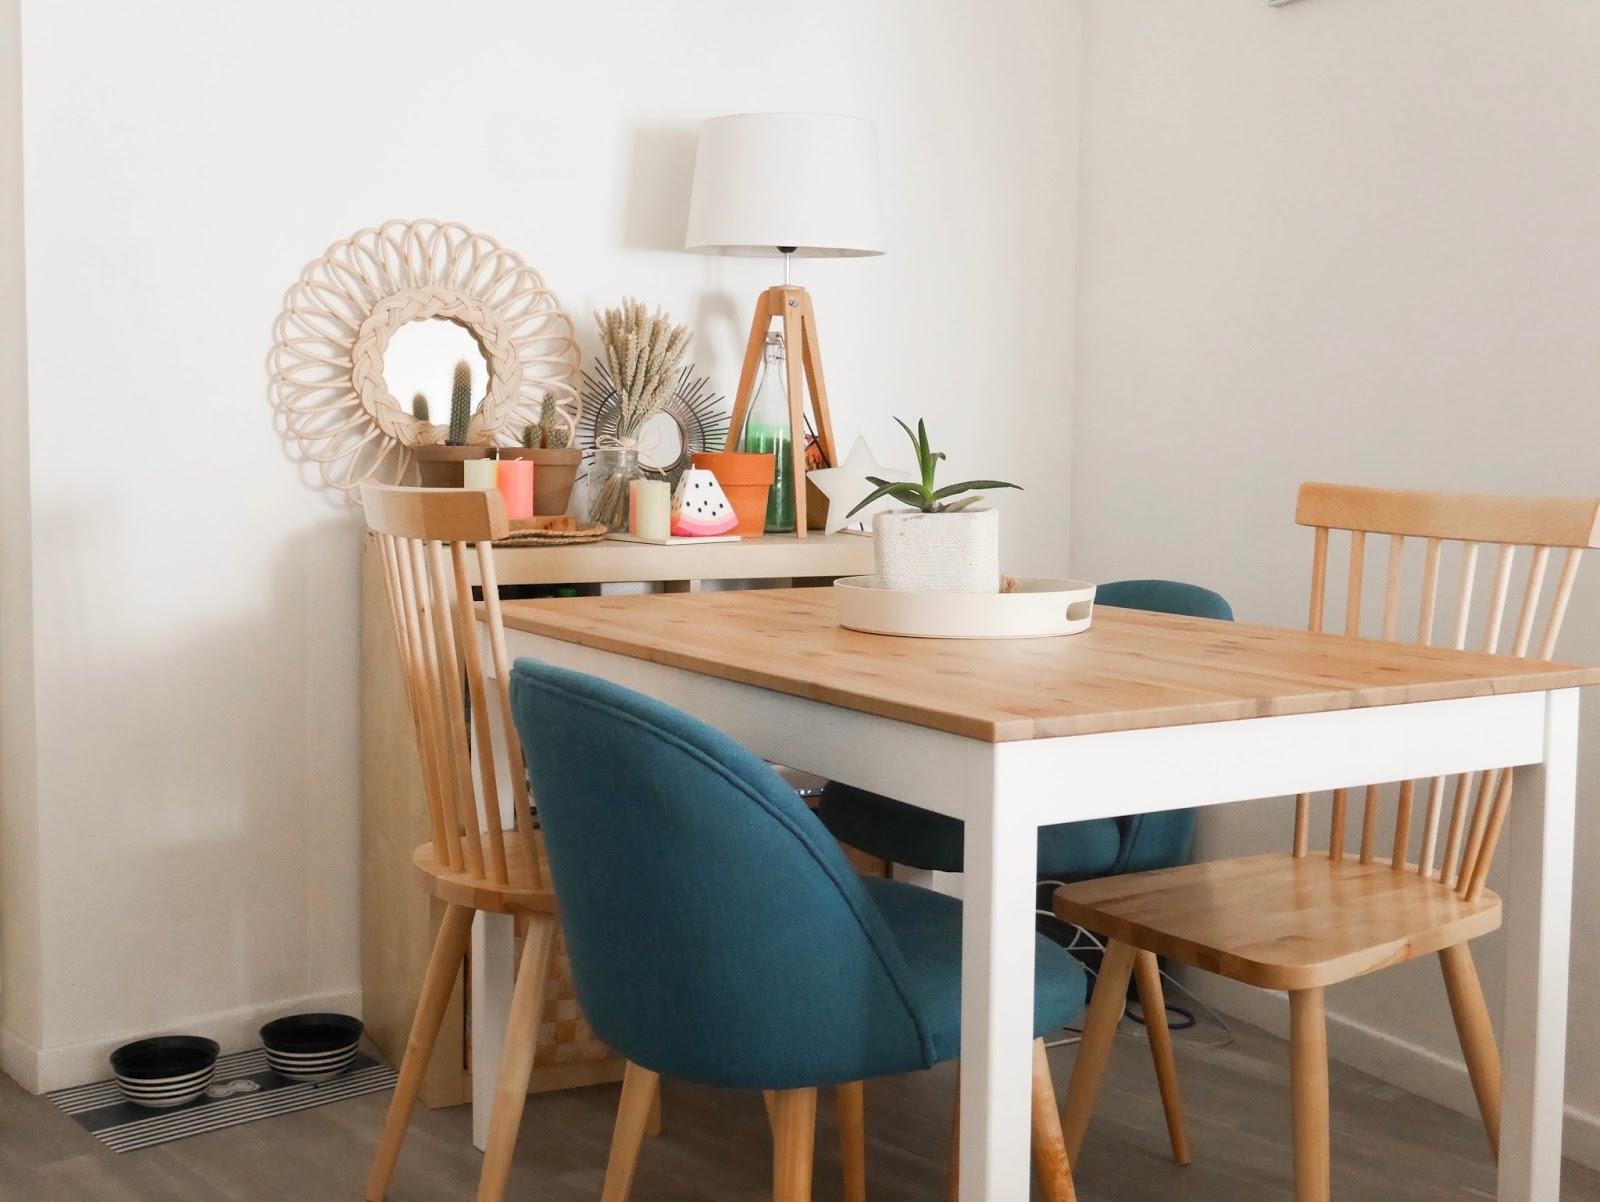 chaise mauricette maisons du monde parisgrenoble